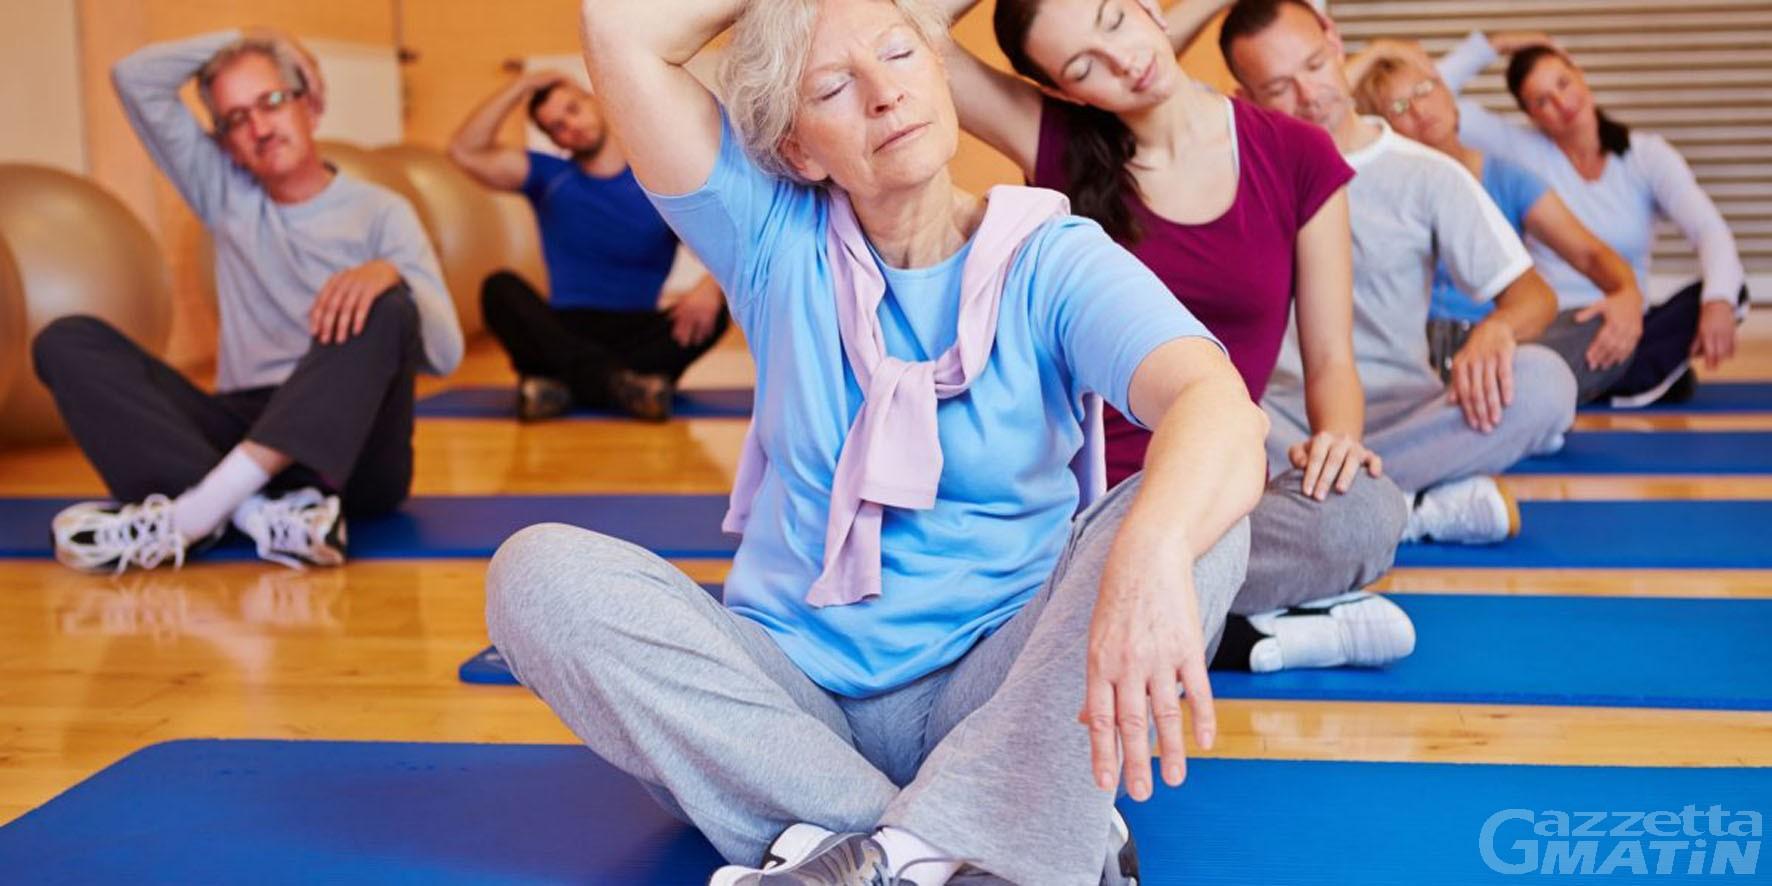 Anziani: ad Aosta ripartono i corsi comunali di ginnastica